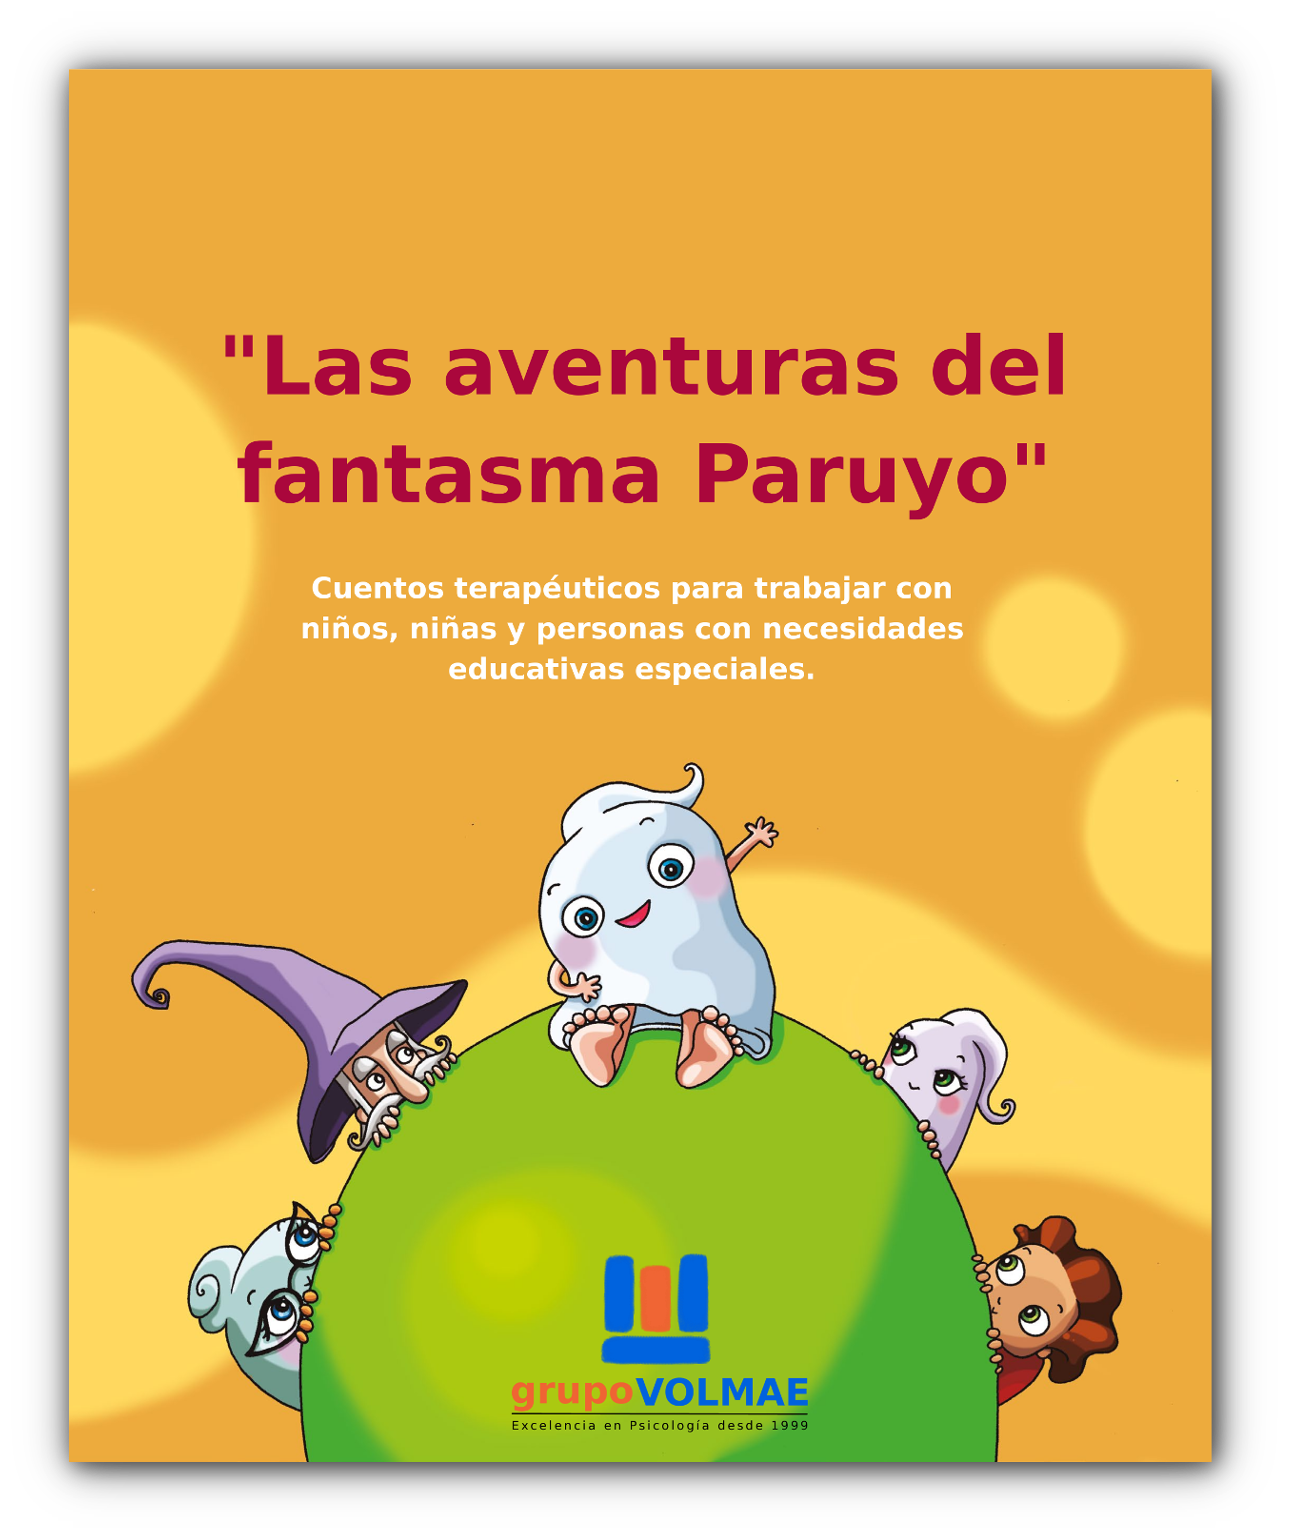 Paruyo 1